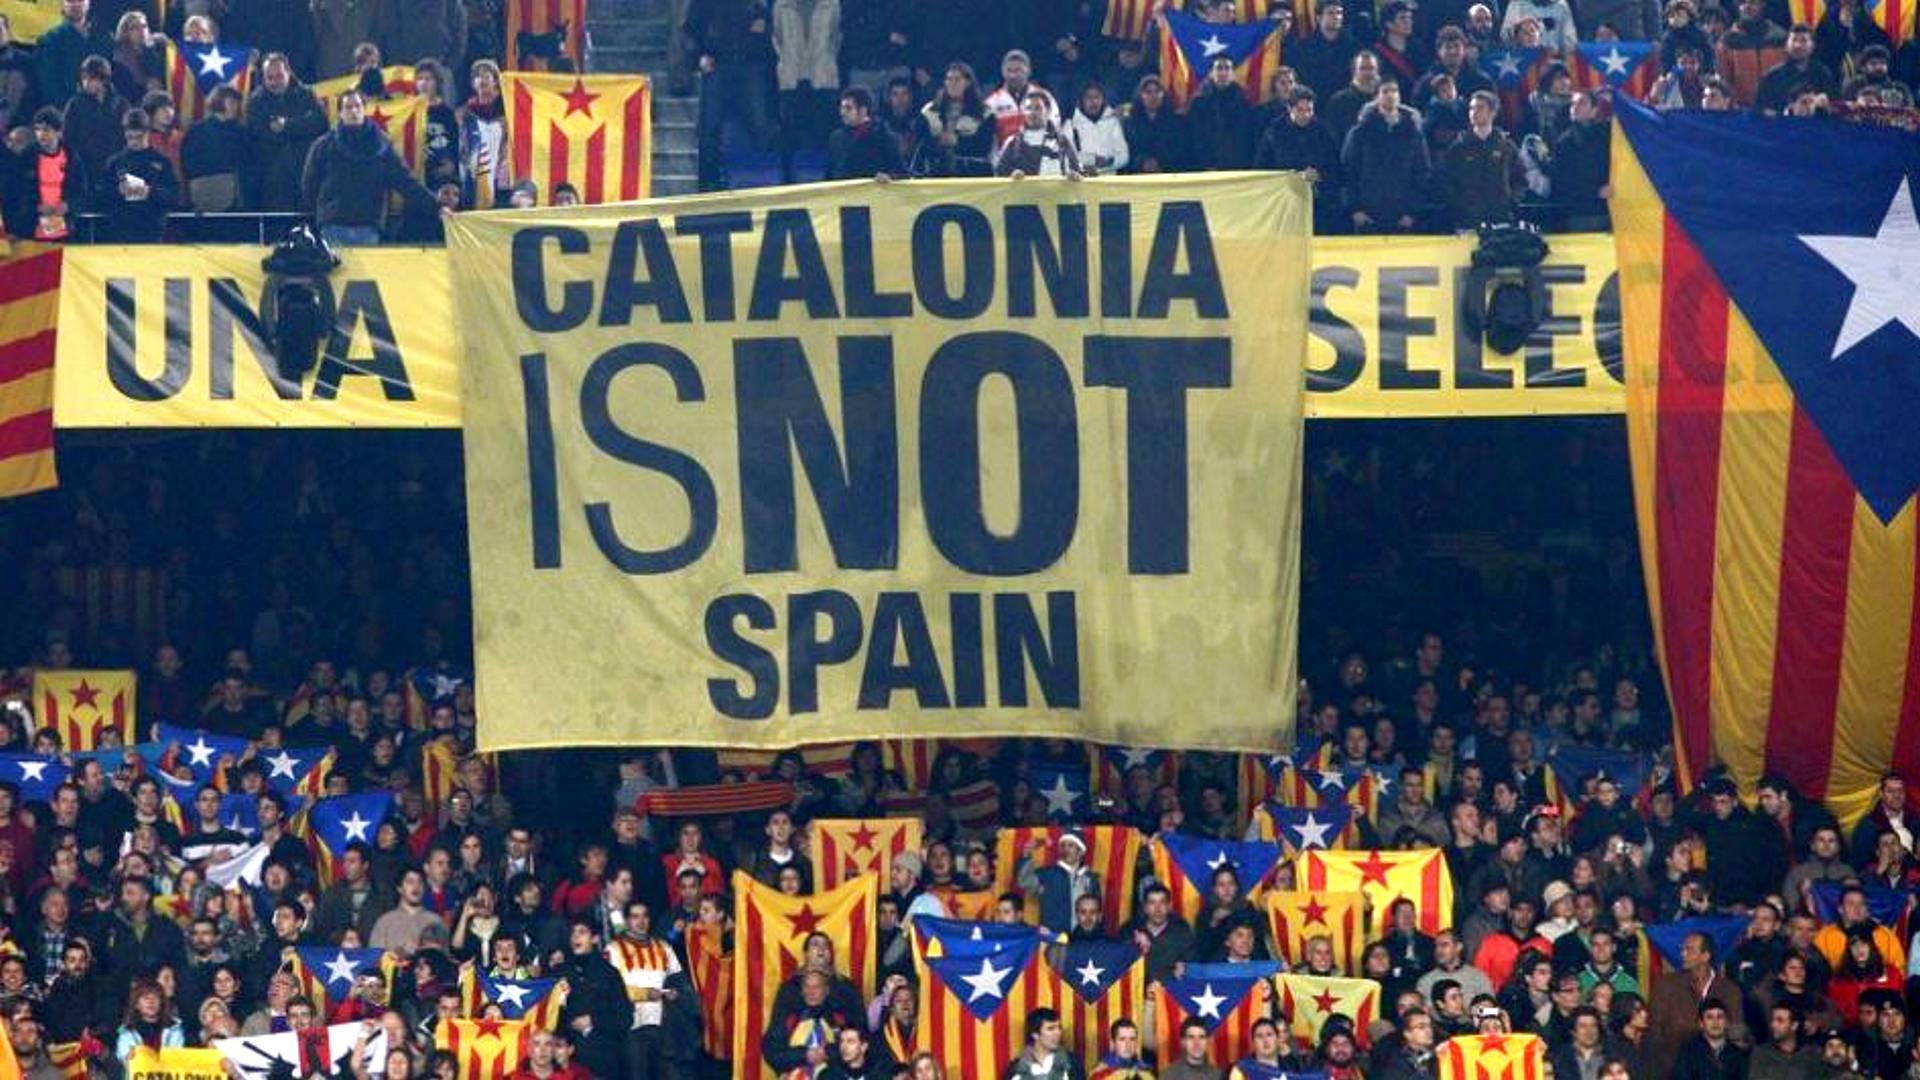 transconflict catalonia votes